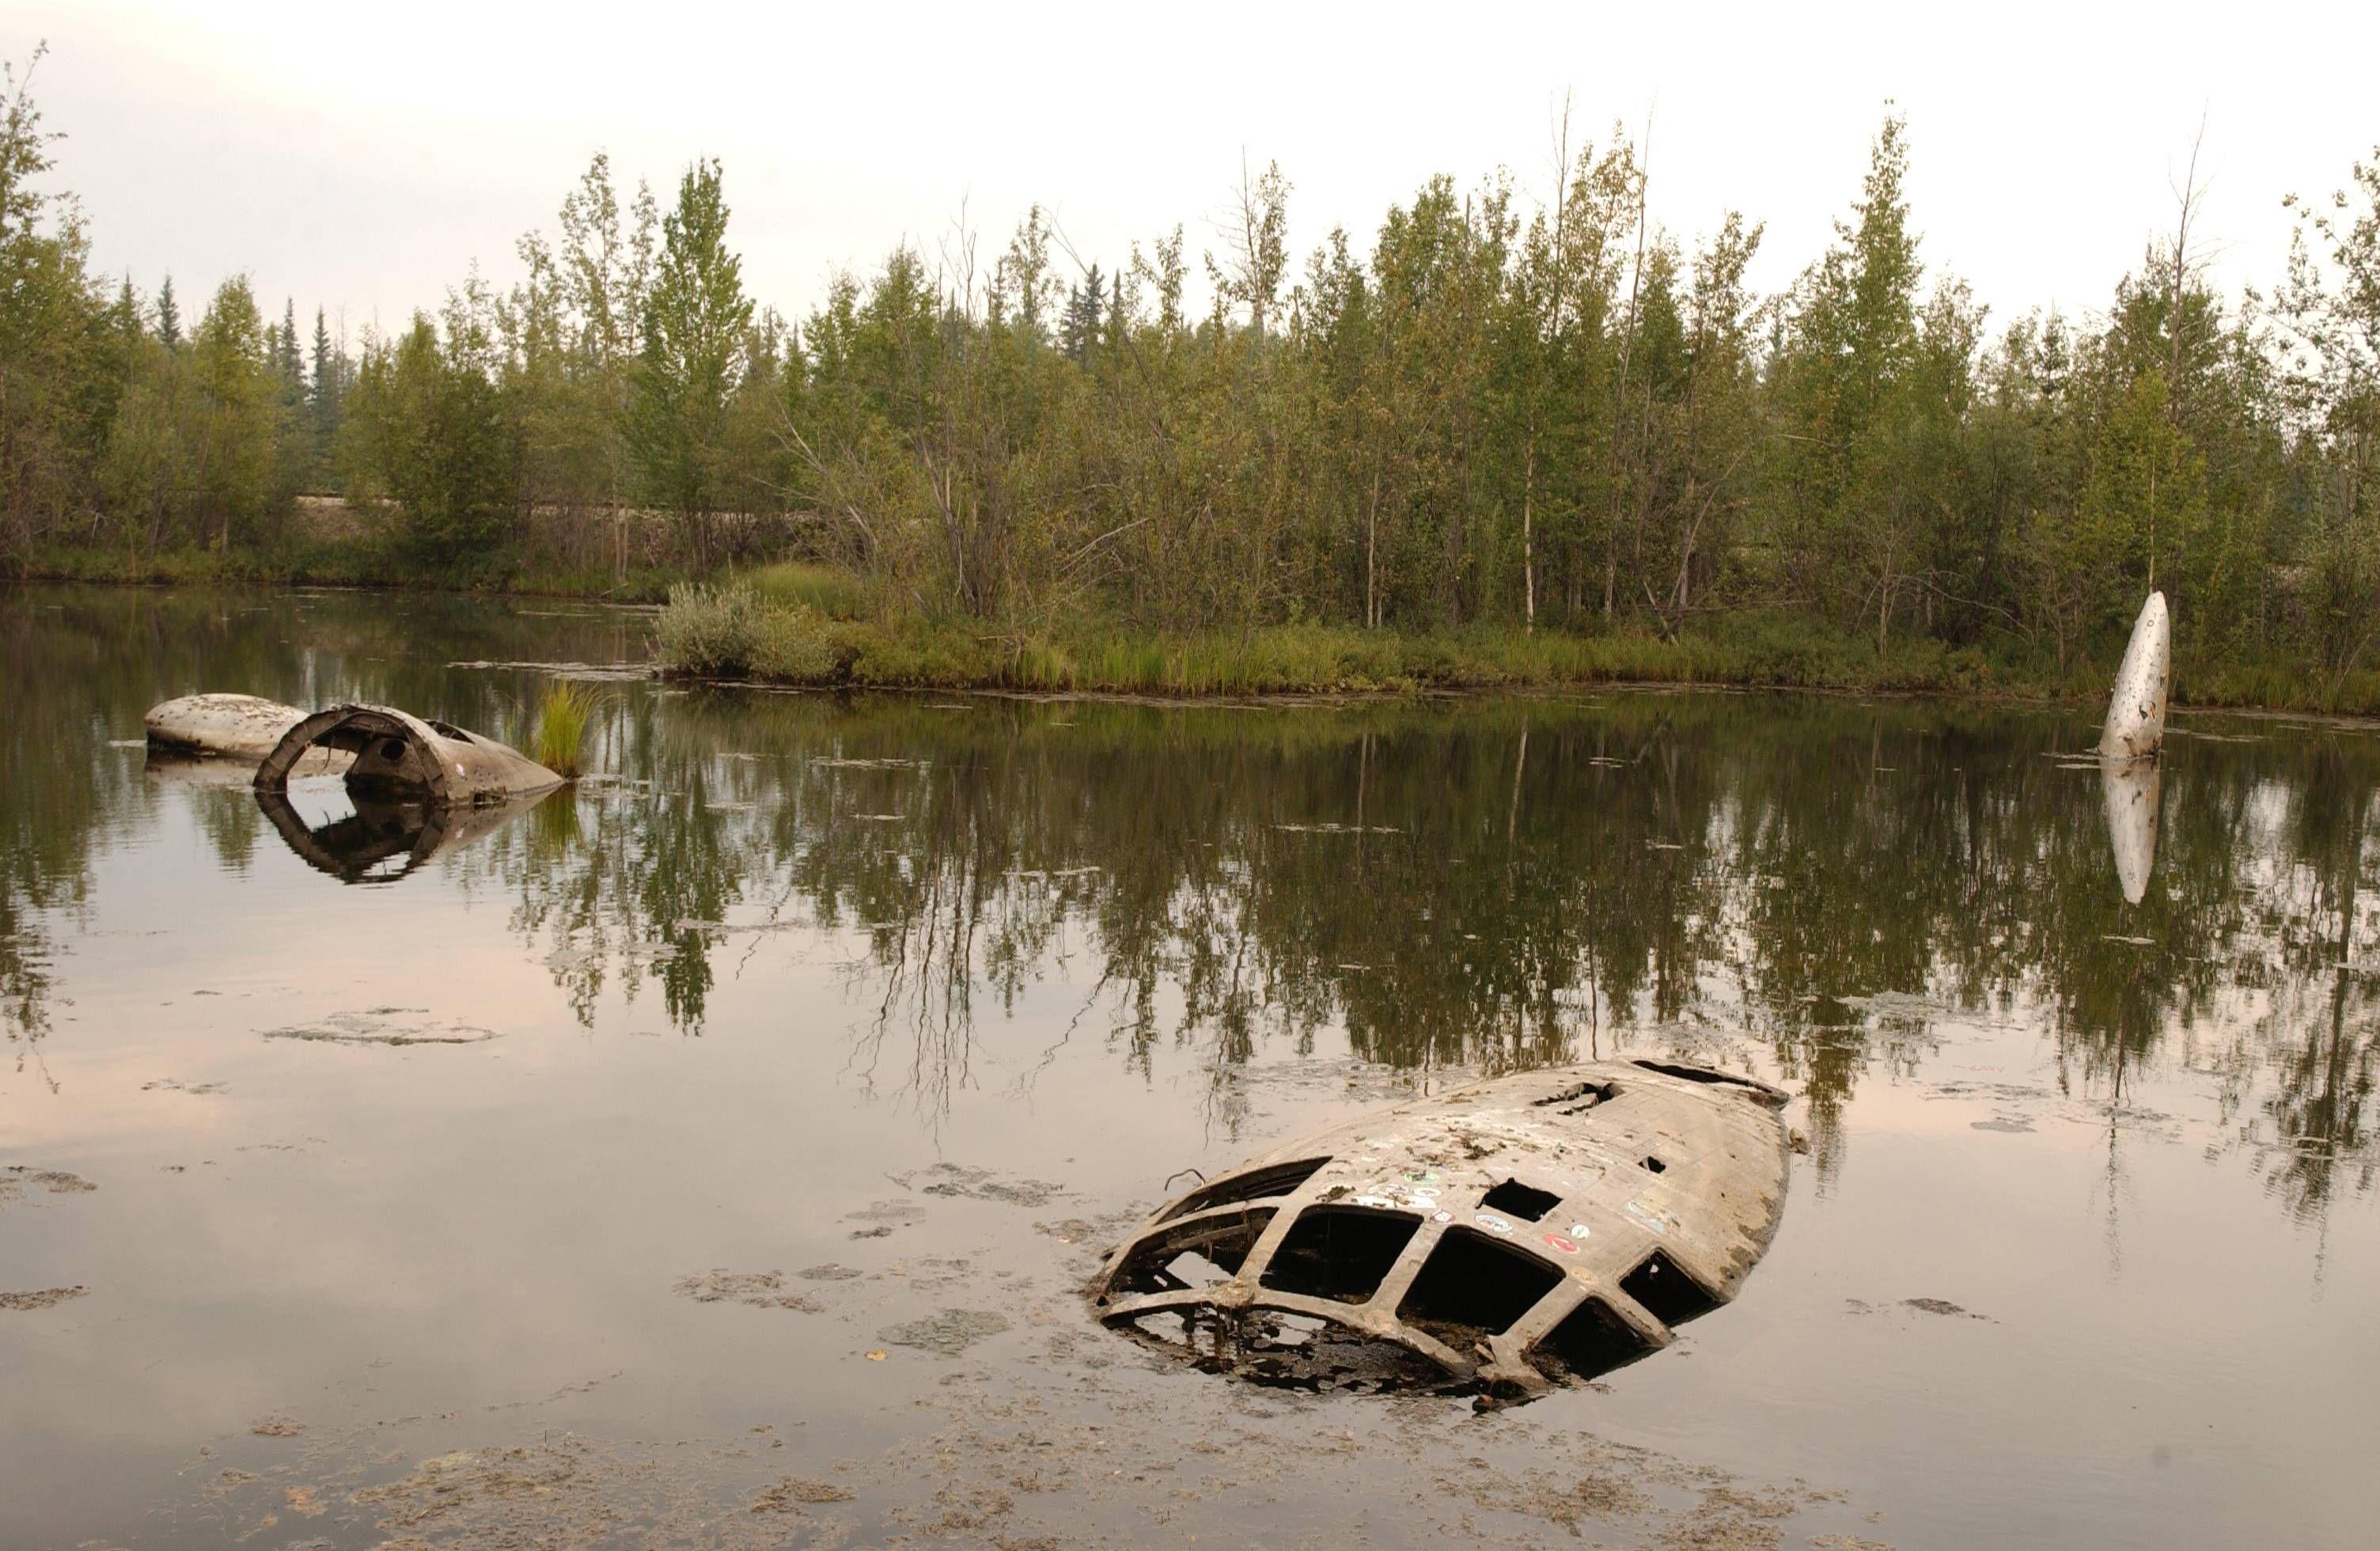 Fallout New Vegas Cars Crashes